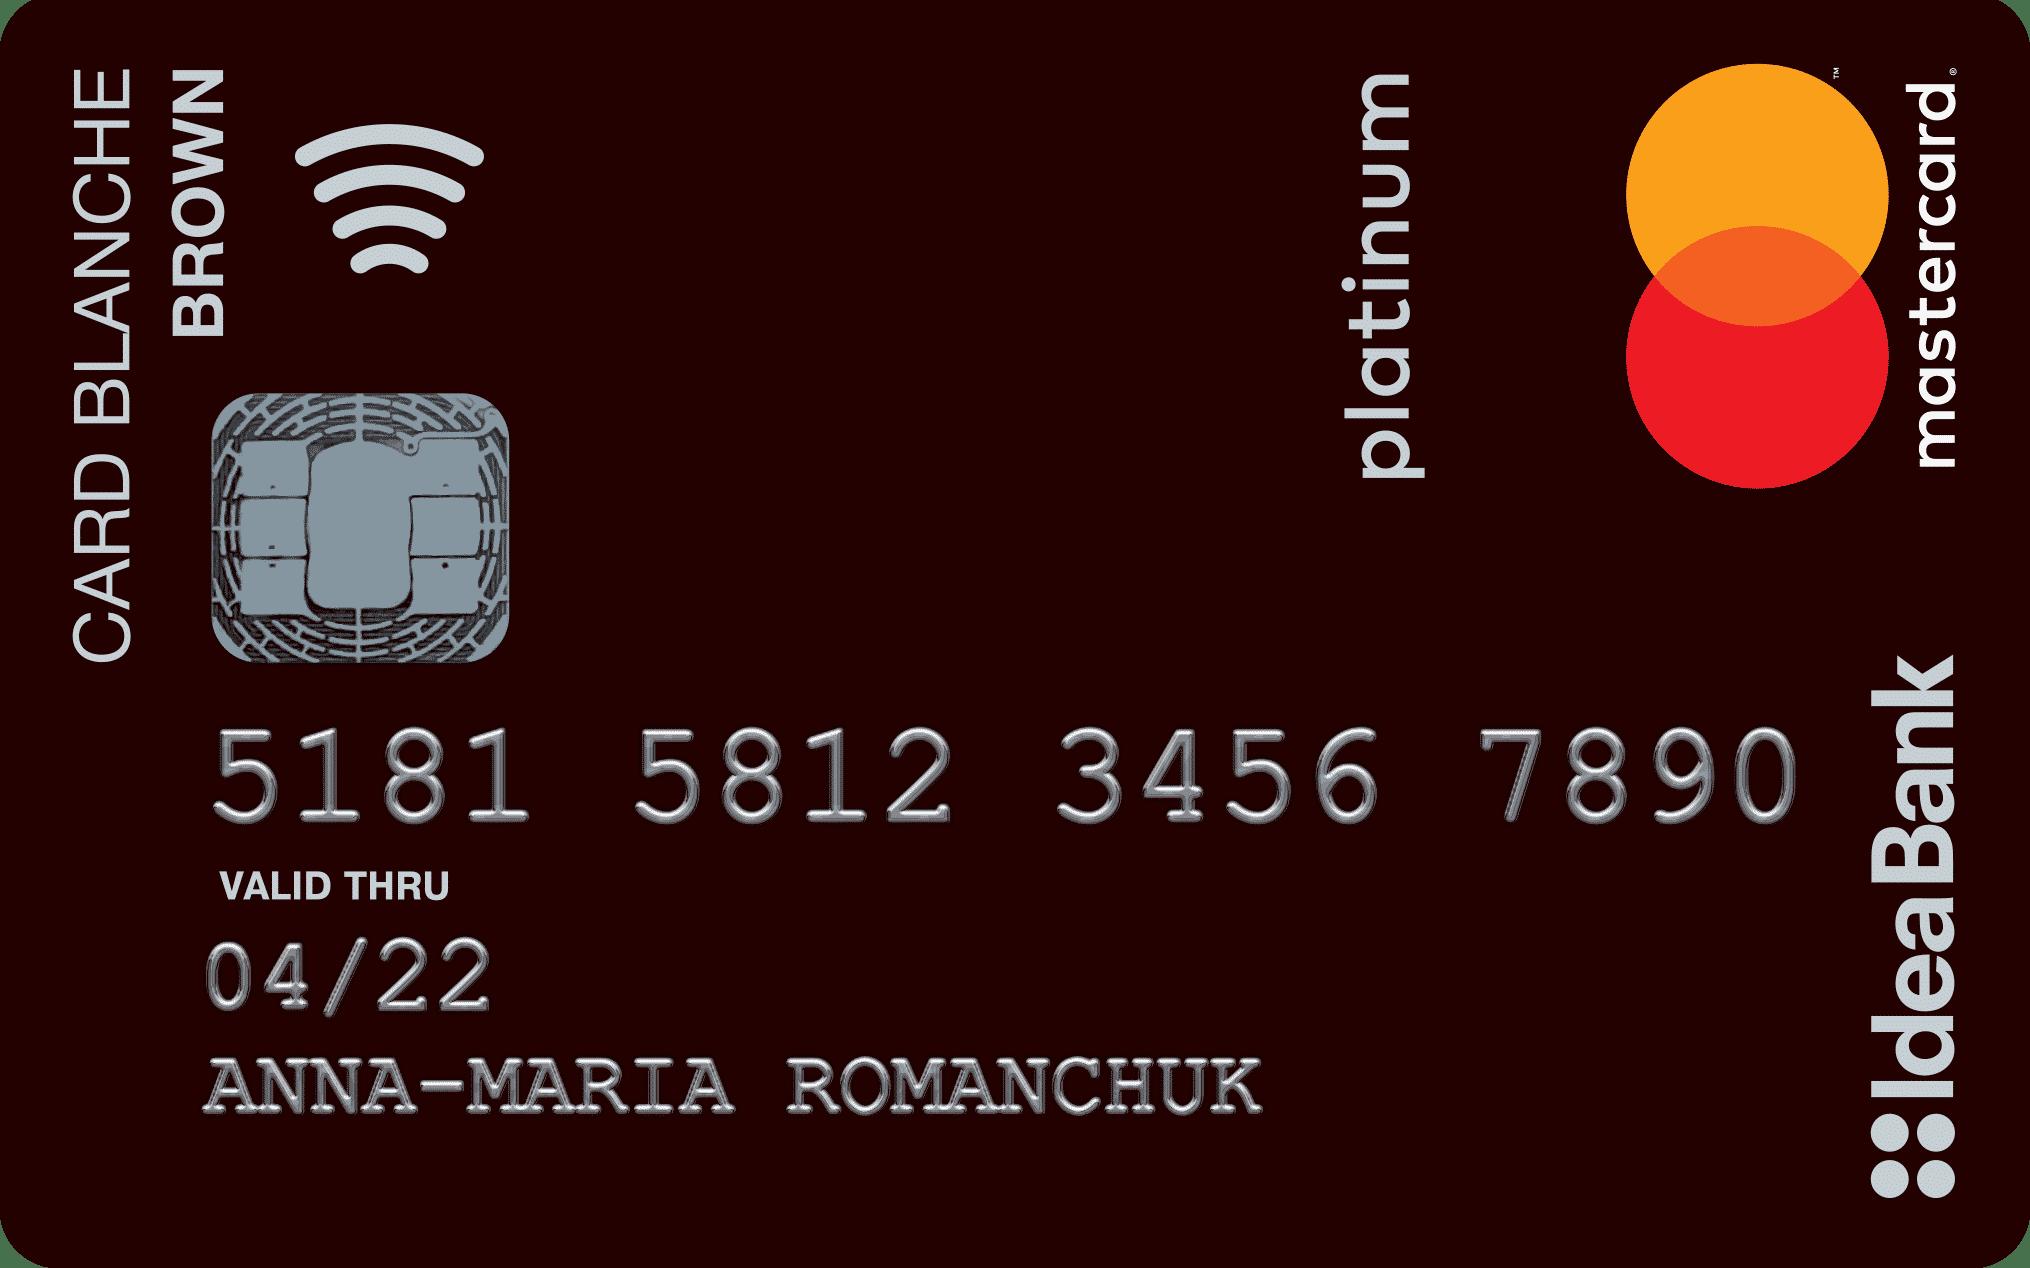 Ідея Банк Card Blanche Brown Travel